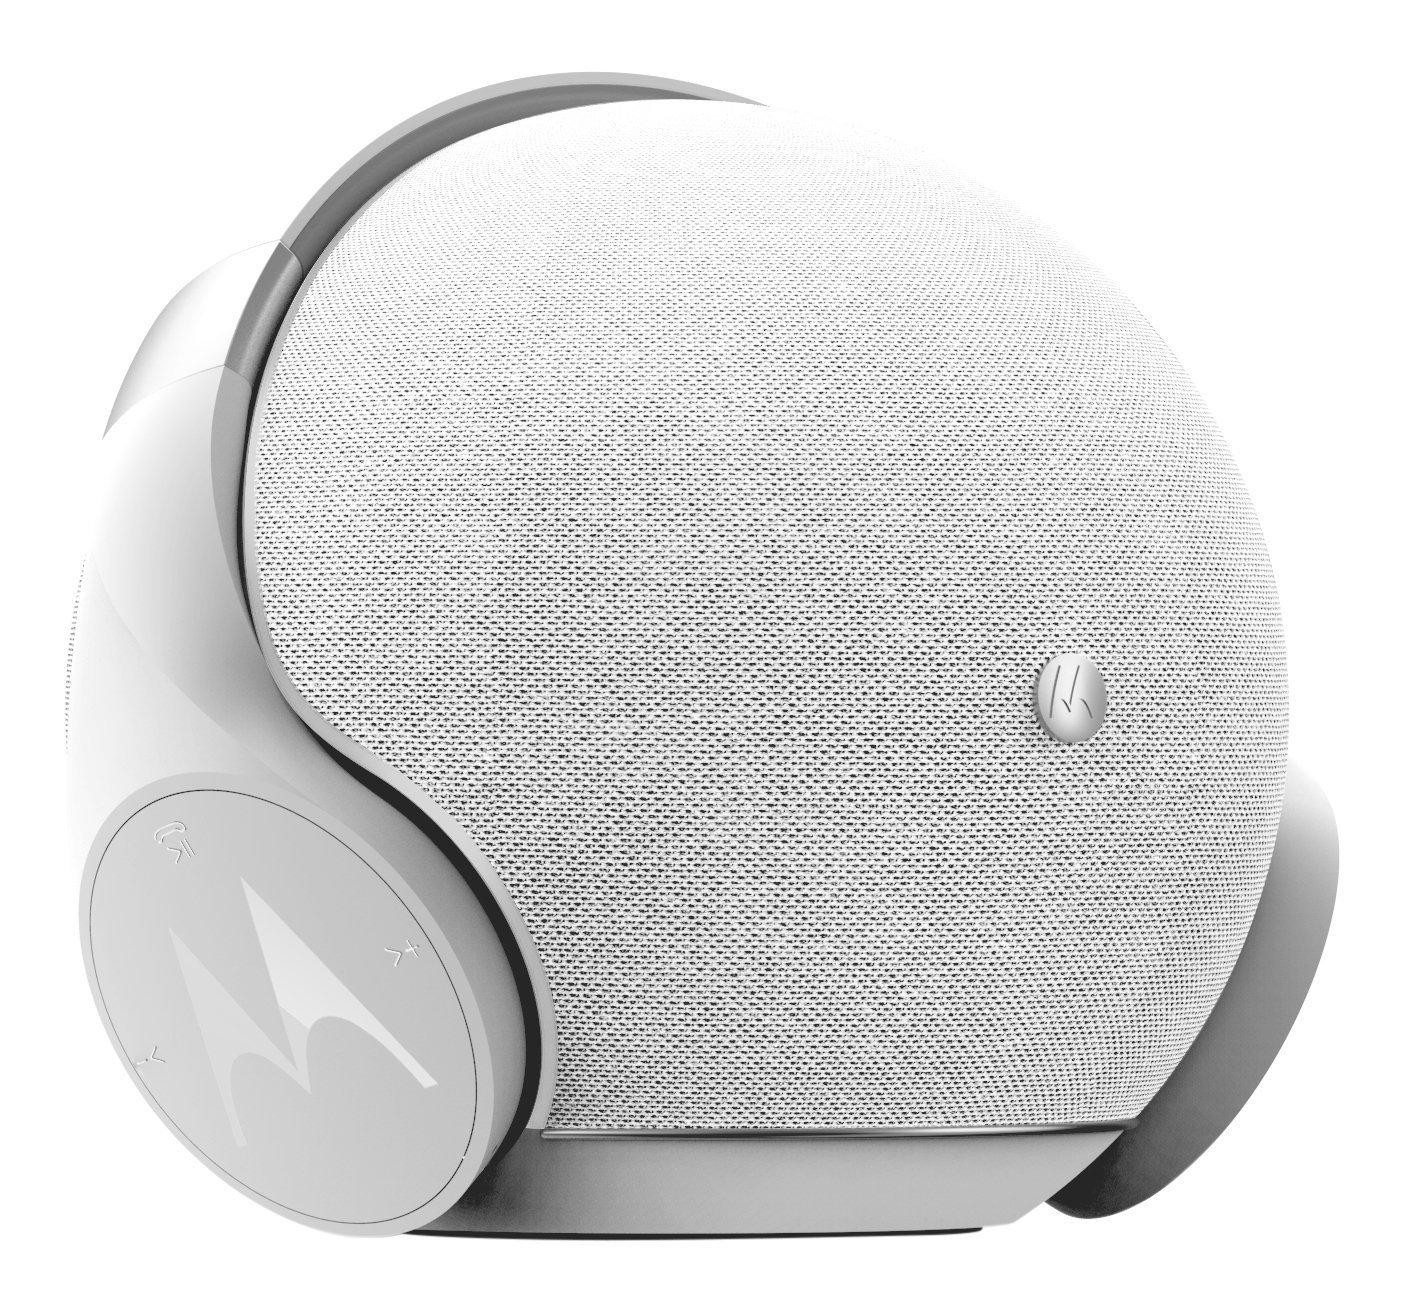 Motorola Sphere+ - 2 en 1: Altavoz Estéreo Bluetooth y Juego de Auriculares